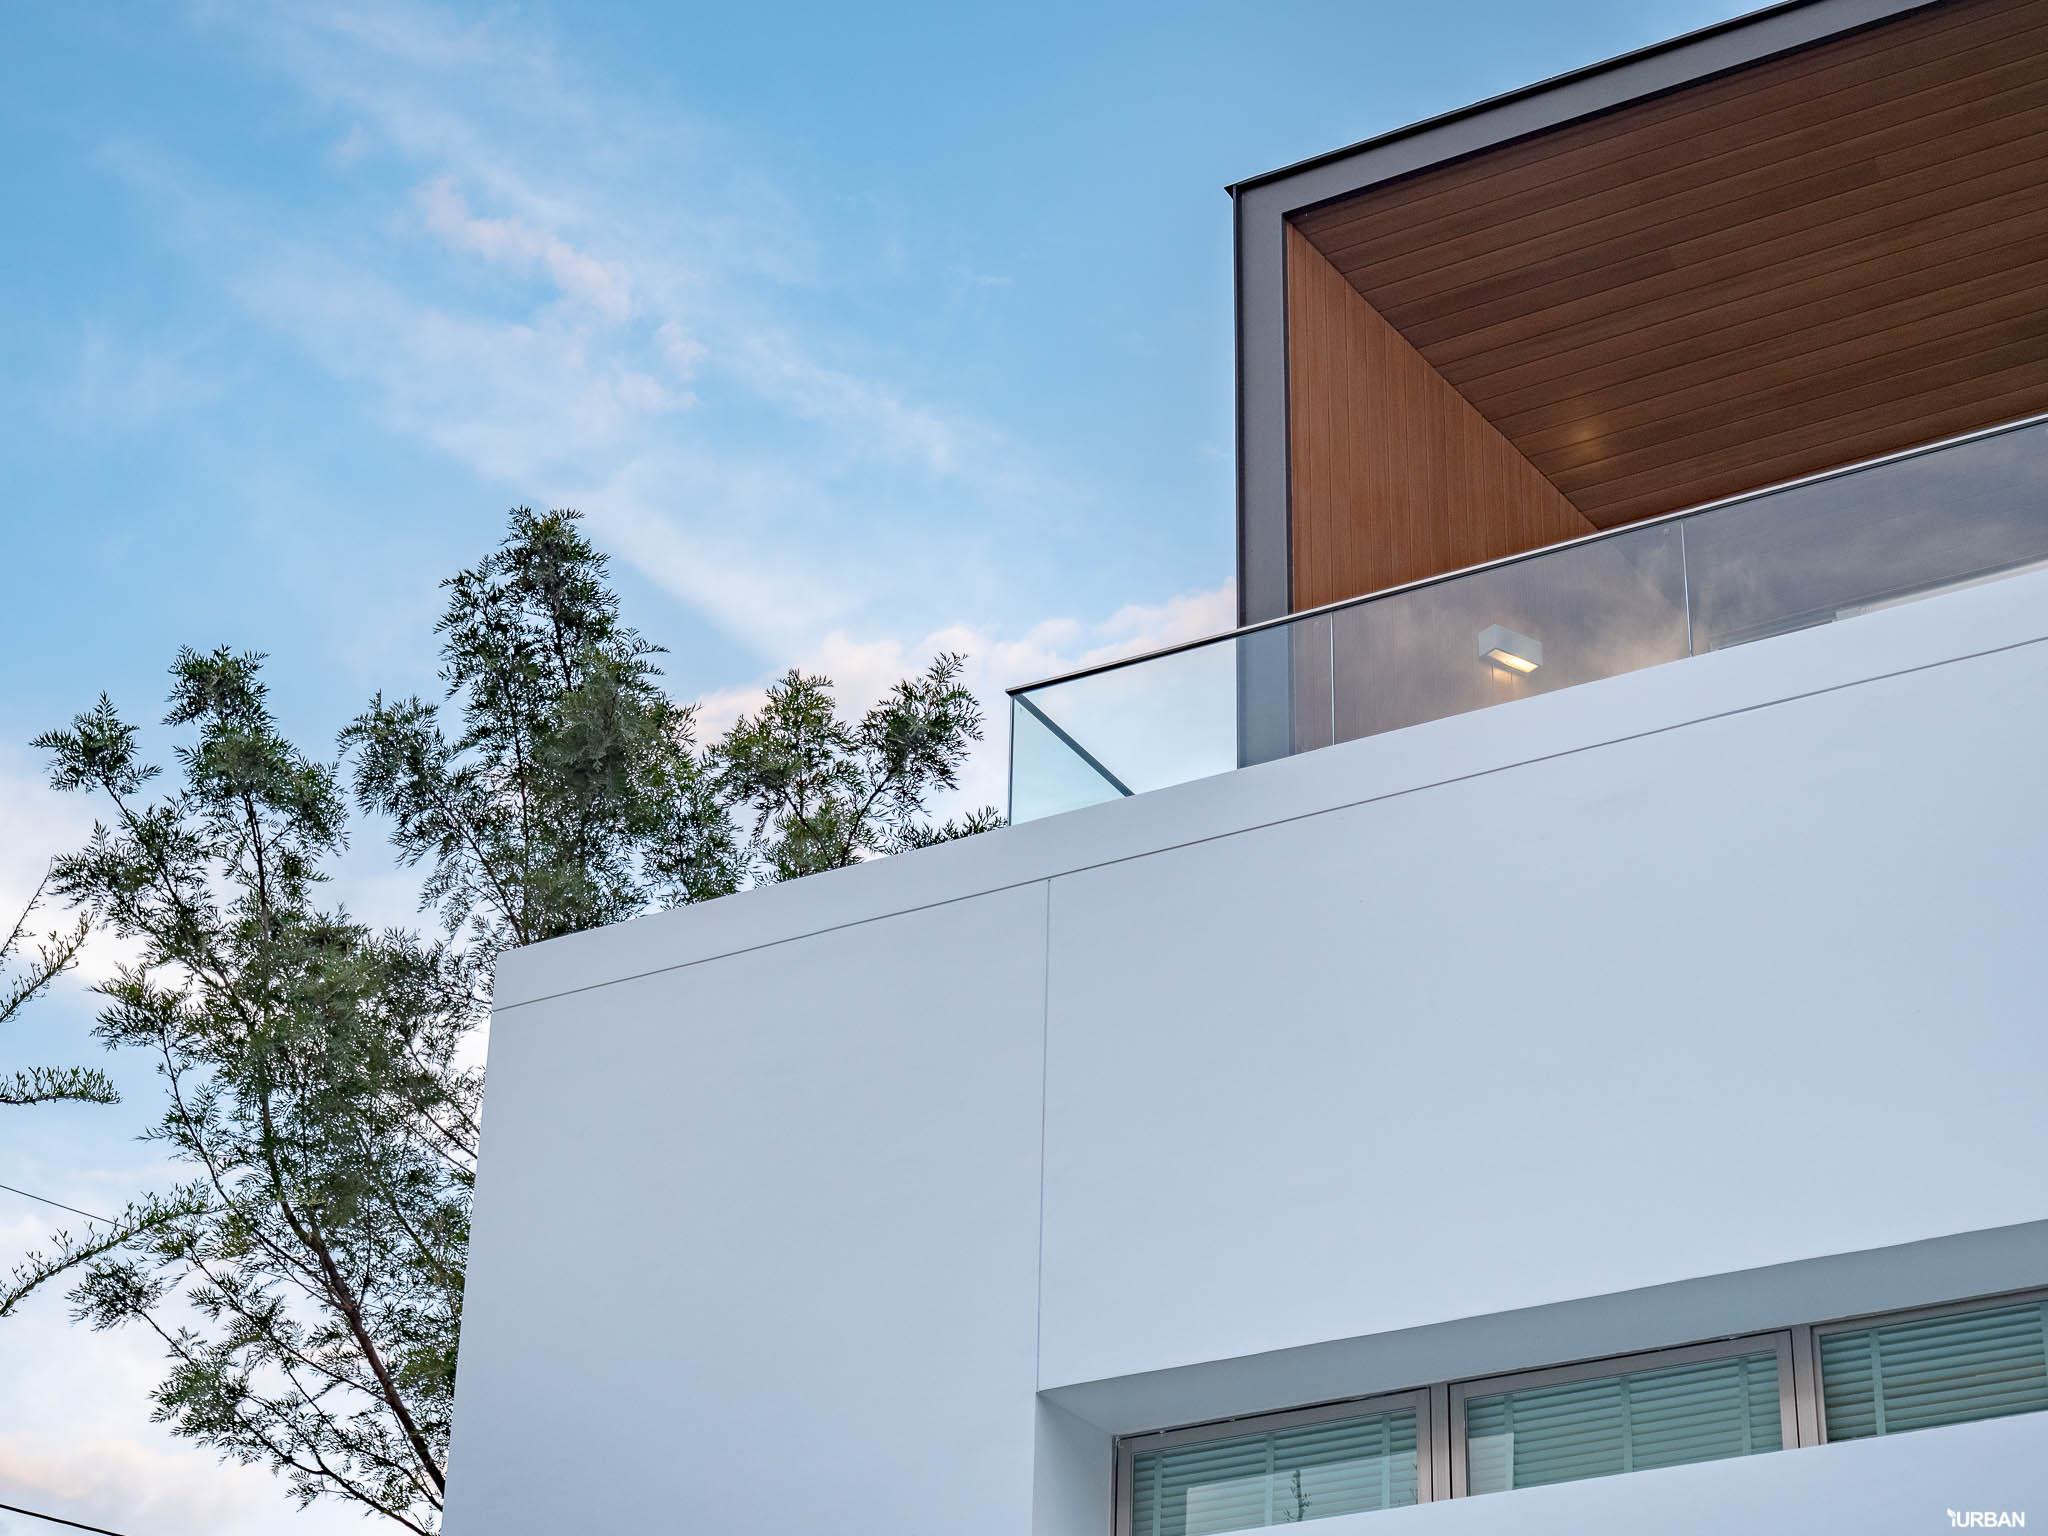 รีวิว Nirvana BEYOND Udonthani บ้านเดี่ยว 3 ชั้น ดีไซน์บิดสุดโมเดิร์น บนที่ดินสุดท้ายหน้าหนองประจักษ์ 95 - Luxury